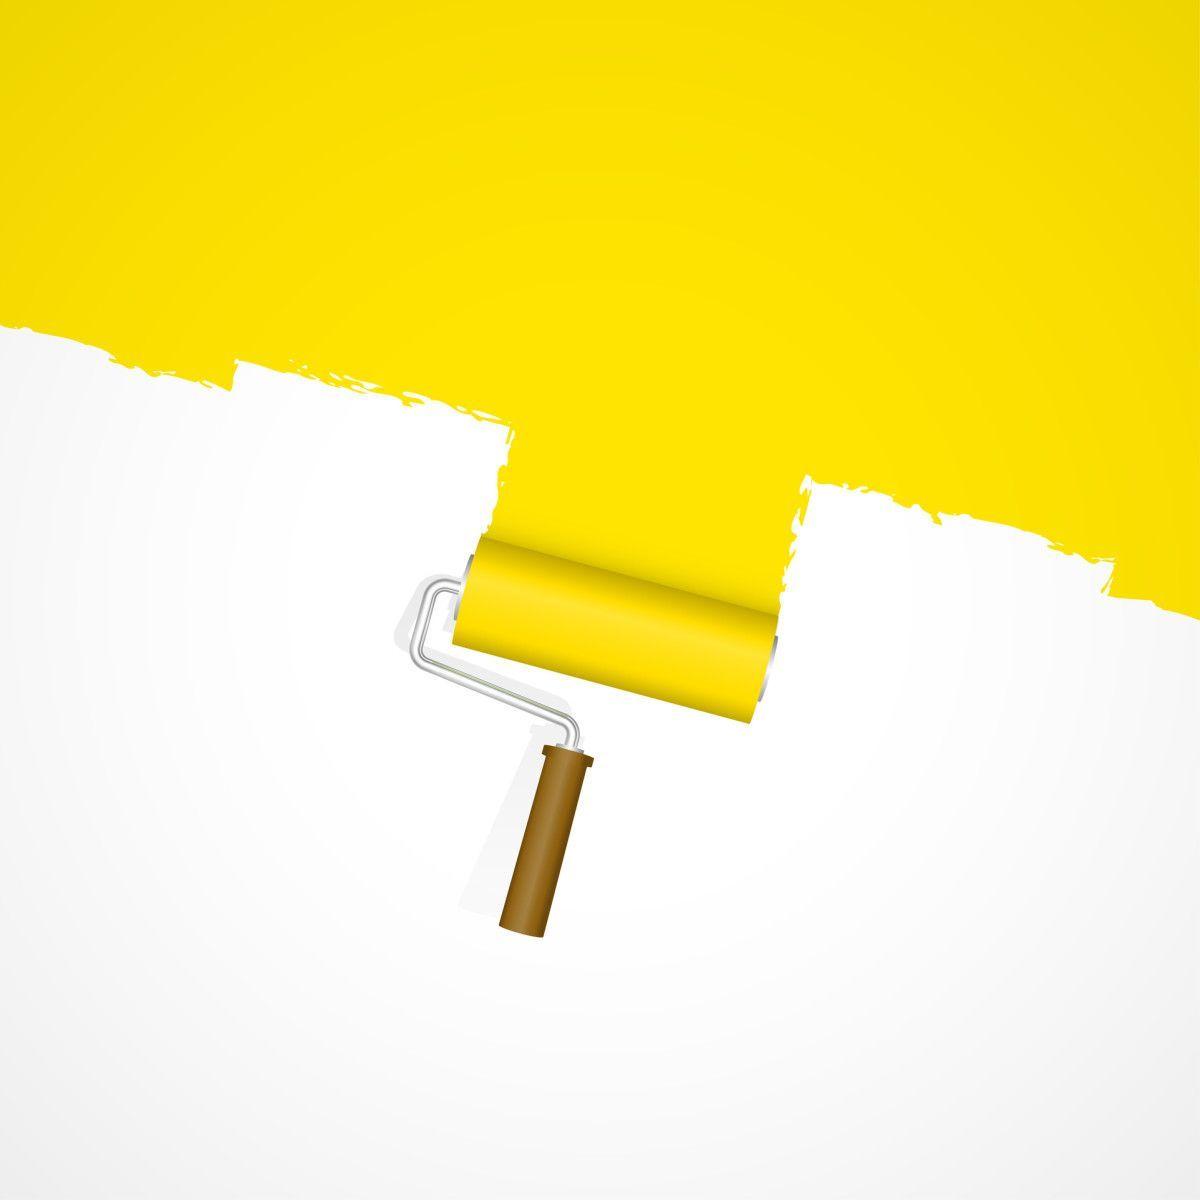 Hintergrund Farbroller - Neuanstrich gelb